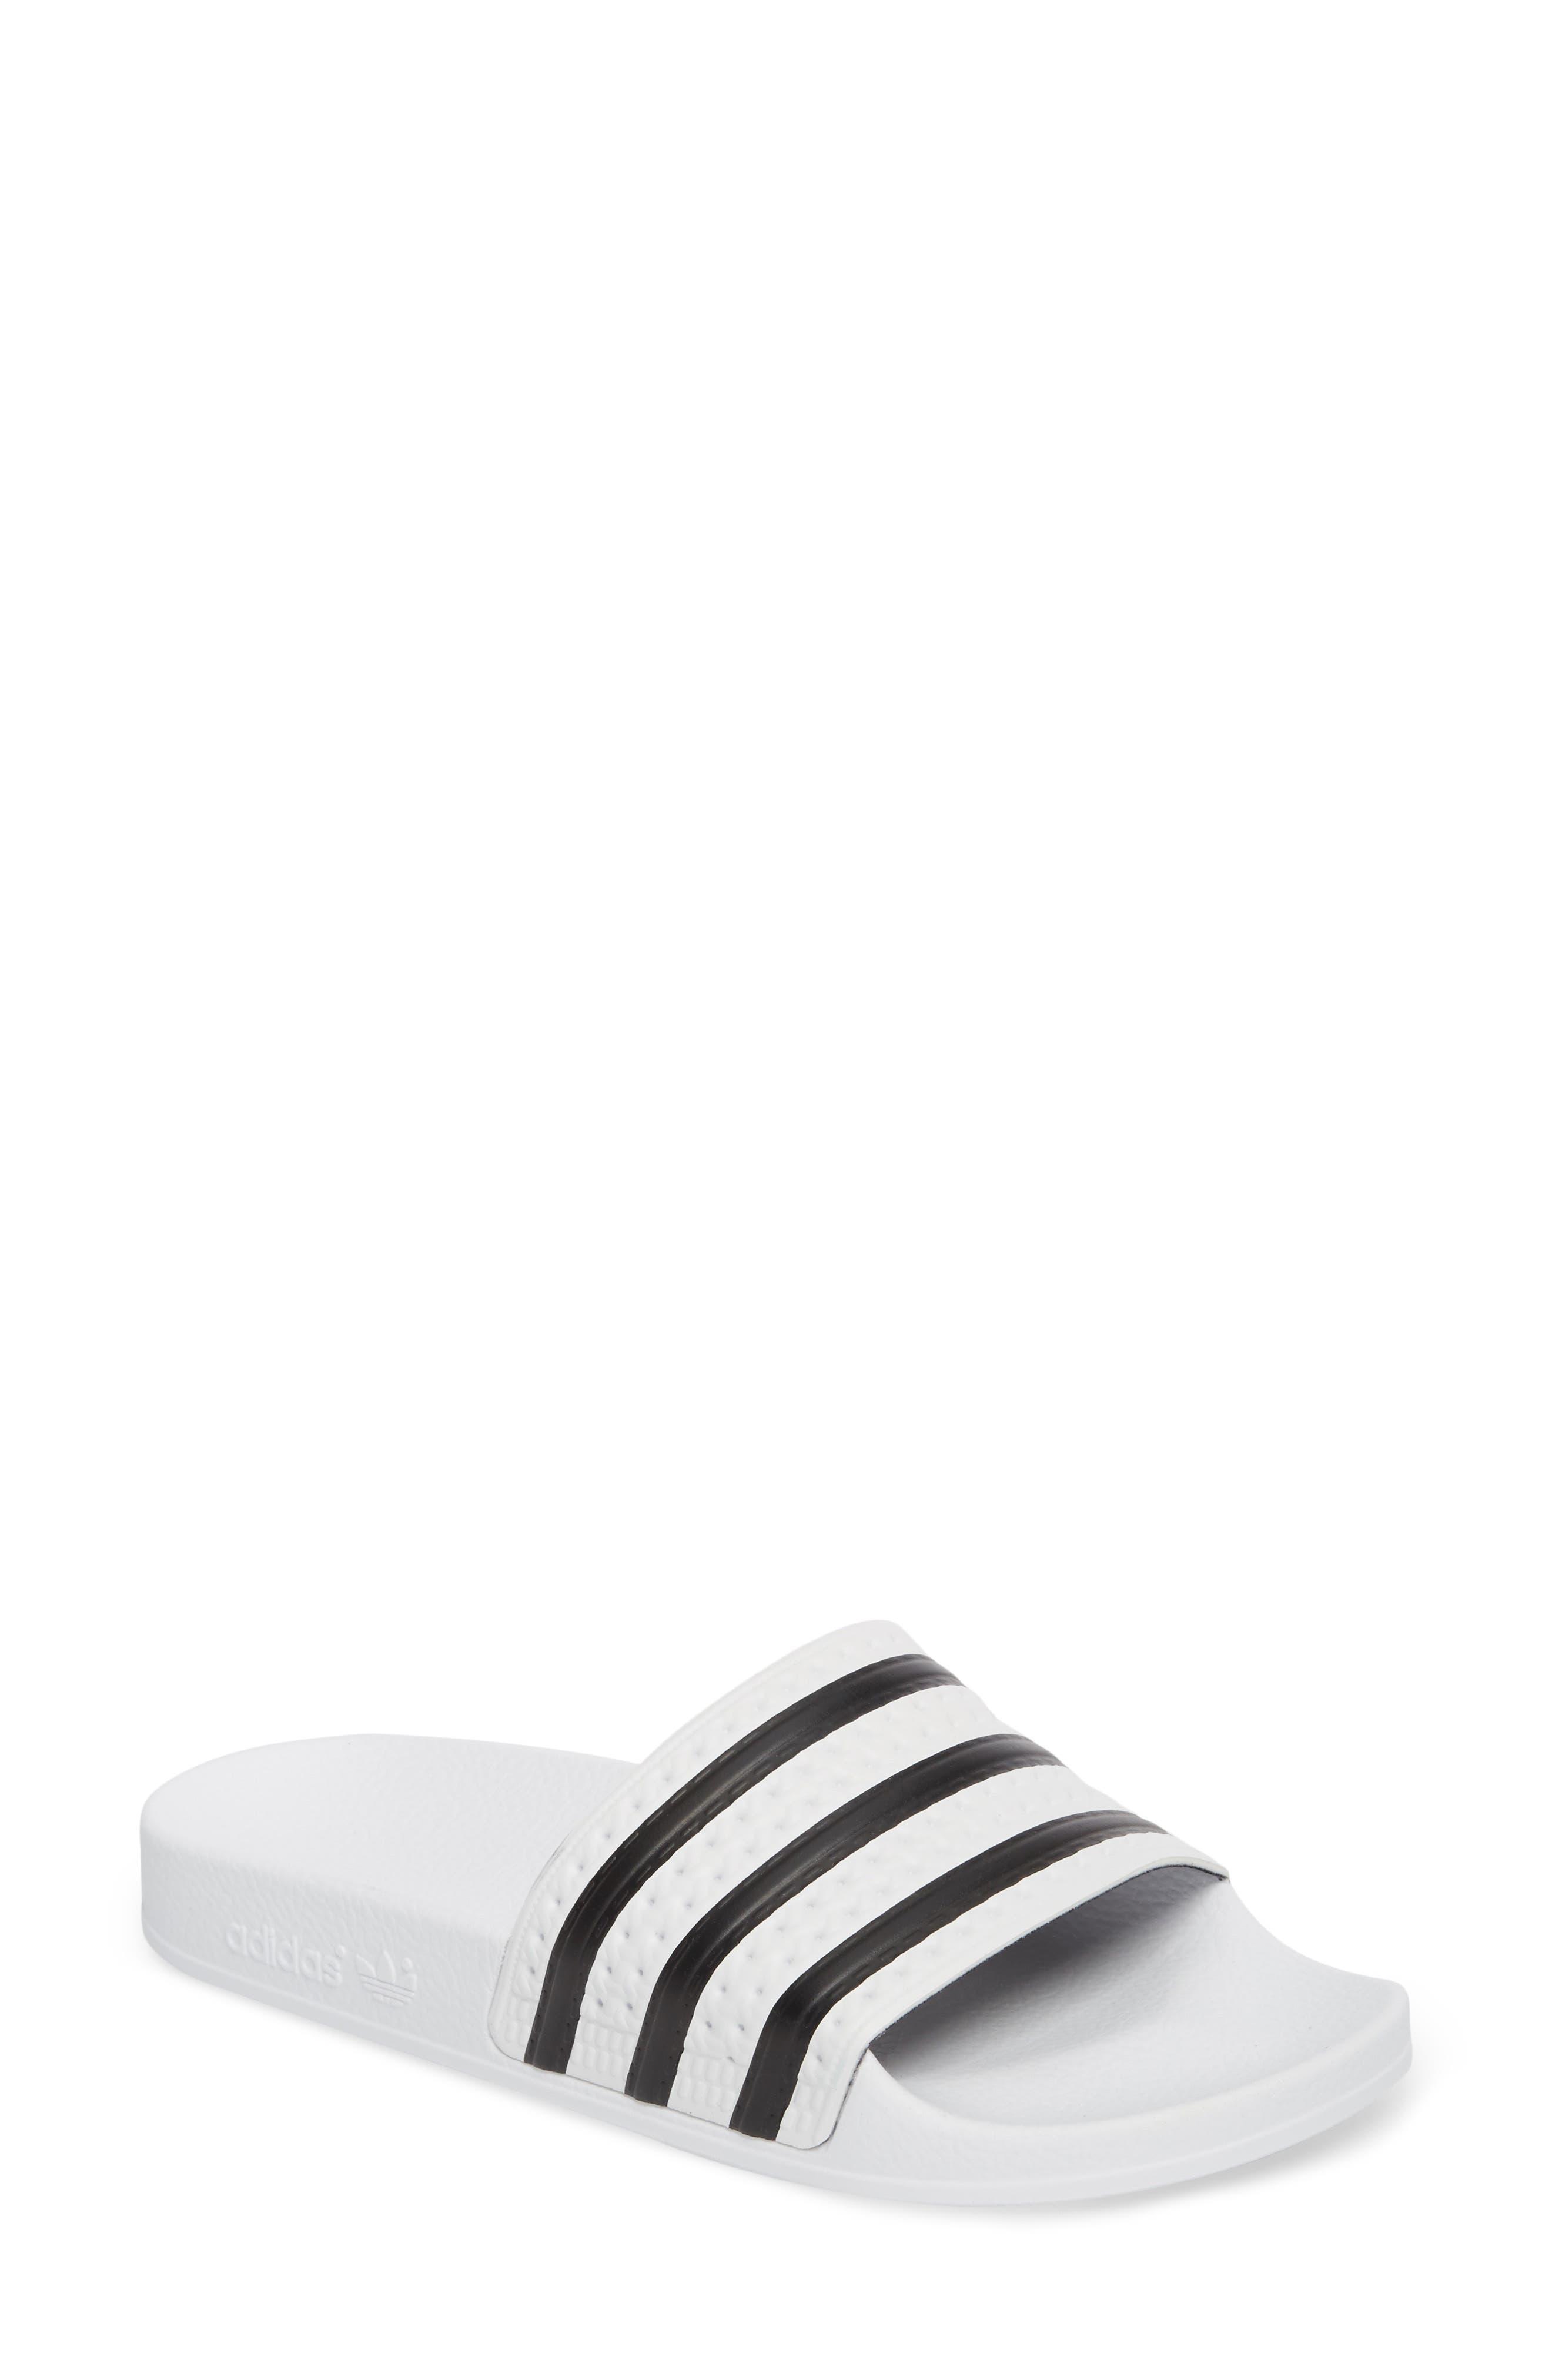 Alternate Image 1 Selected - adidas 'Adilette' Slide Sandal (Women)